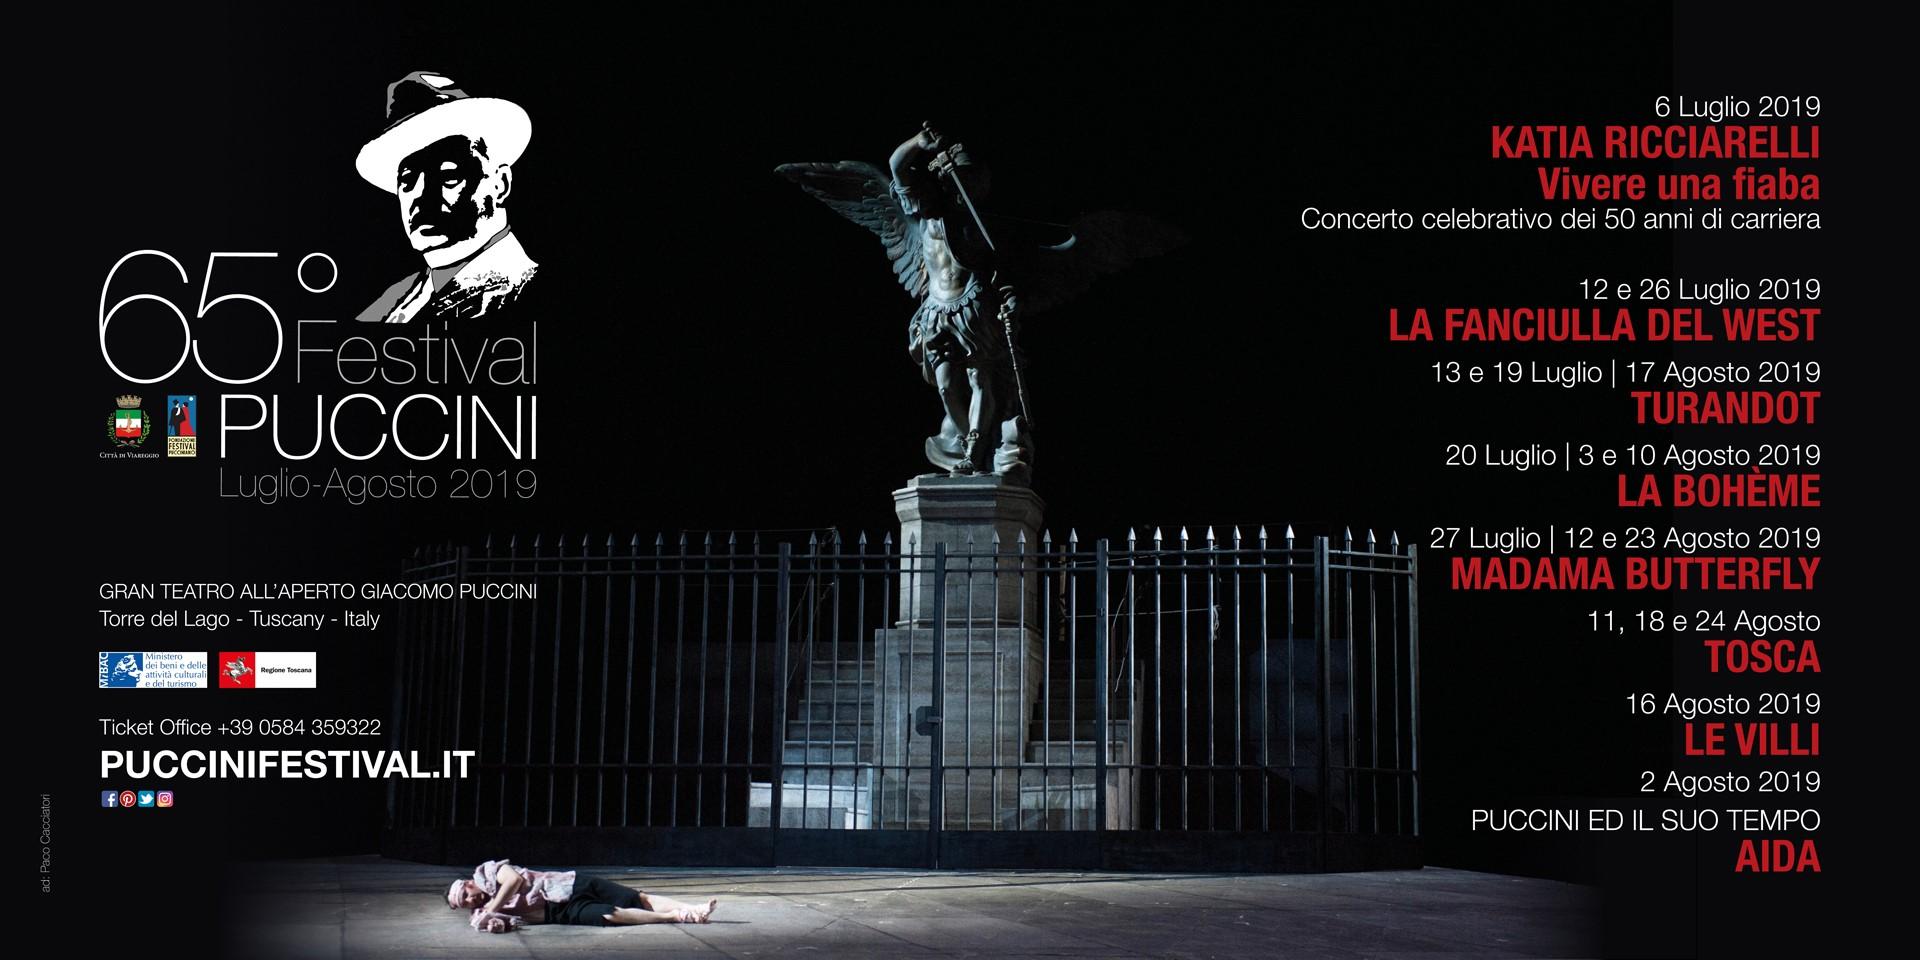 65° Festival Puccini